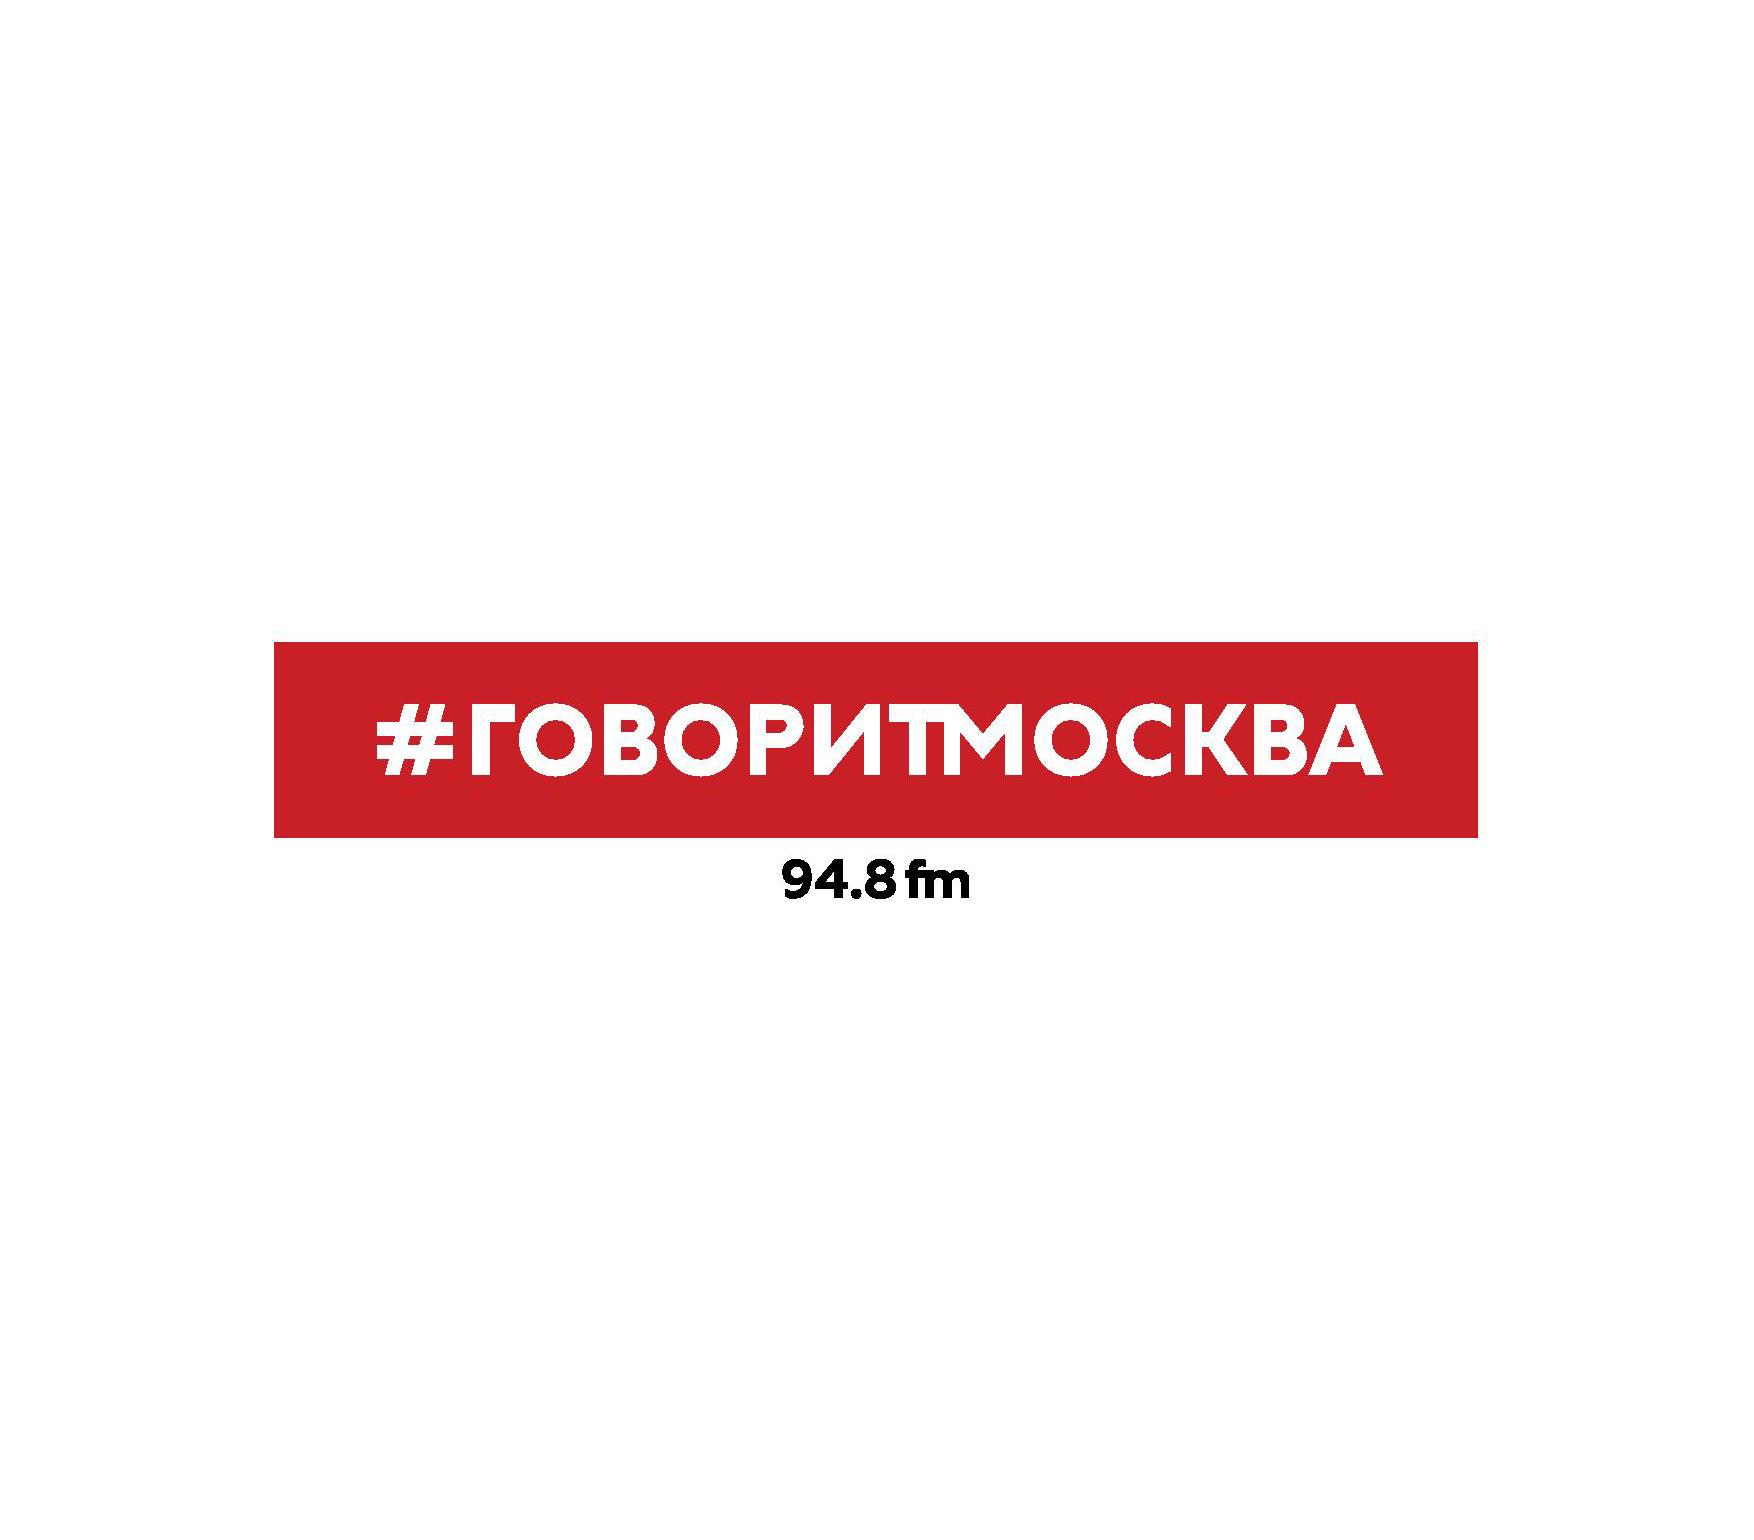 Сергей Береговой Октябрьская революция сергей береговой старообрядчество